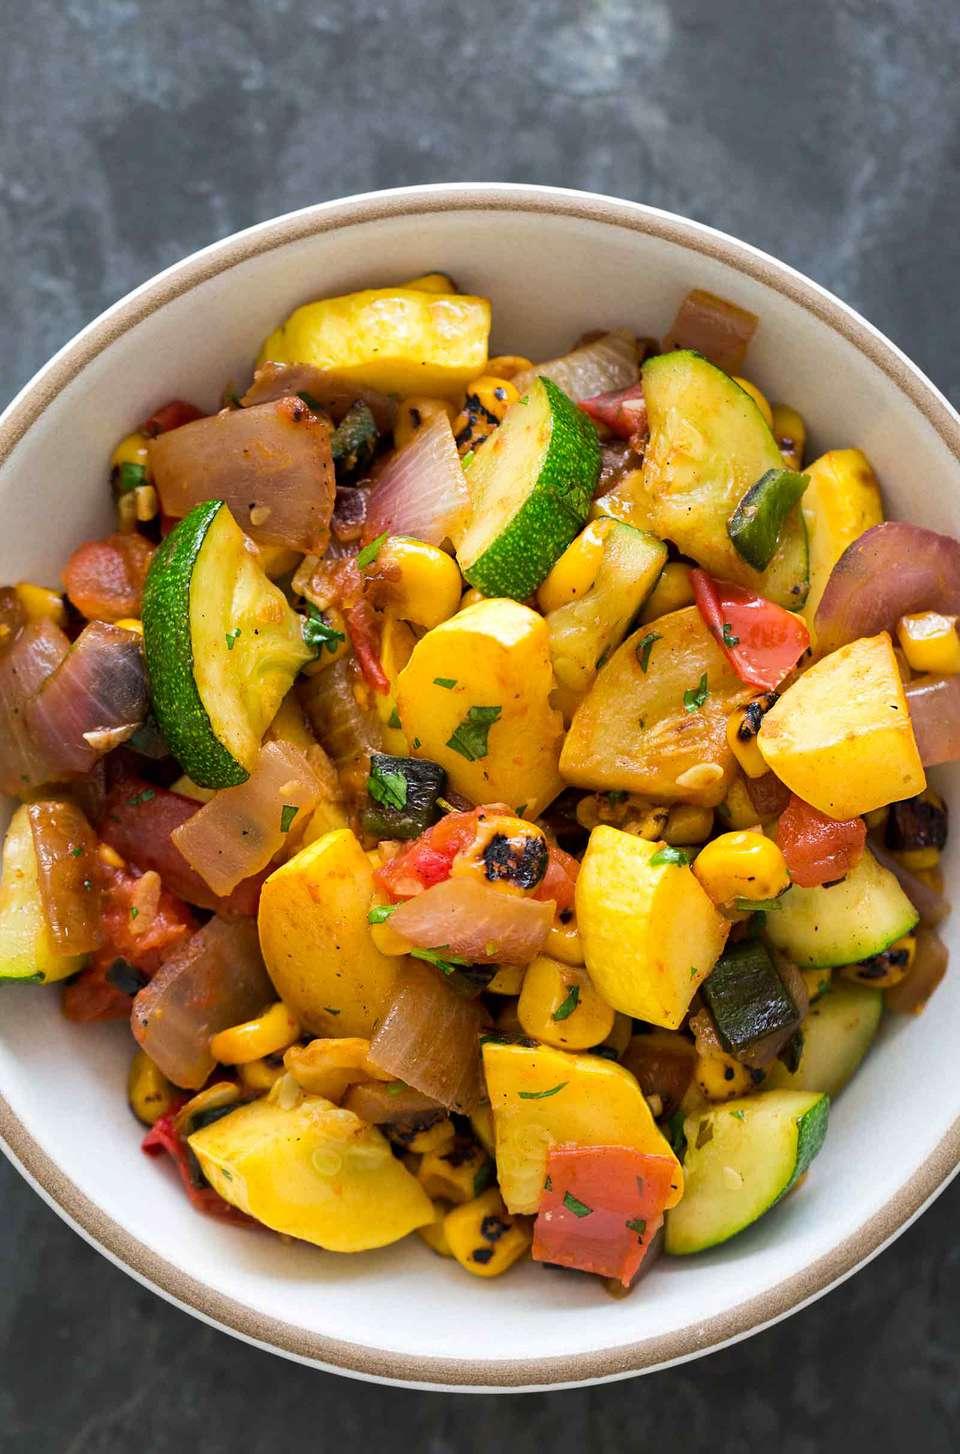 Summer Squash Stir Fry